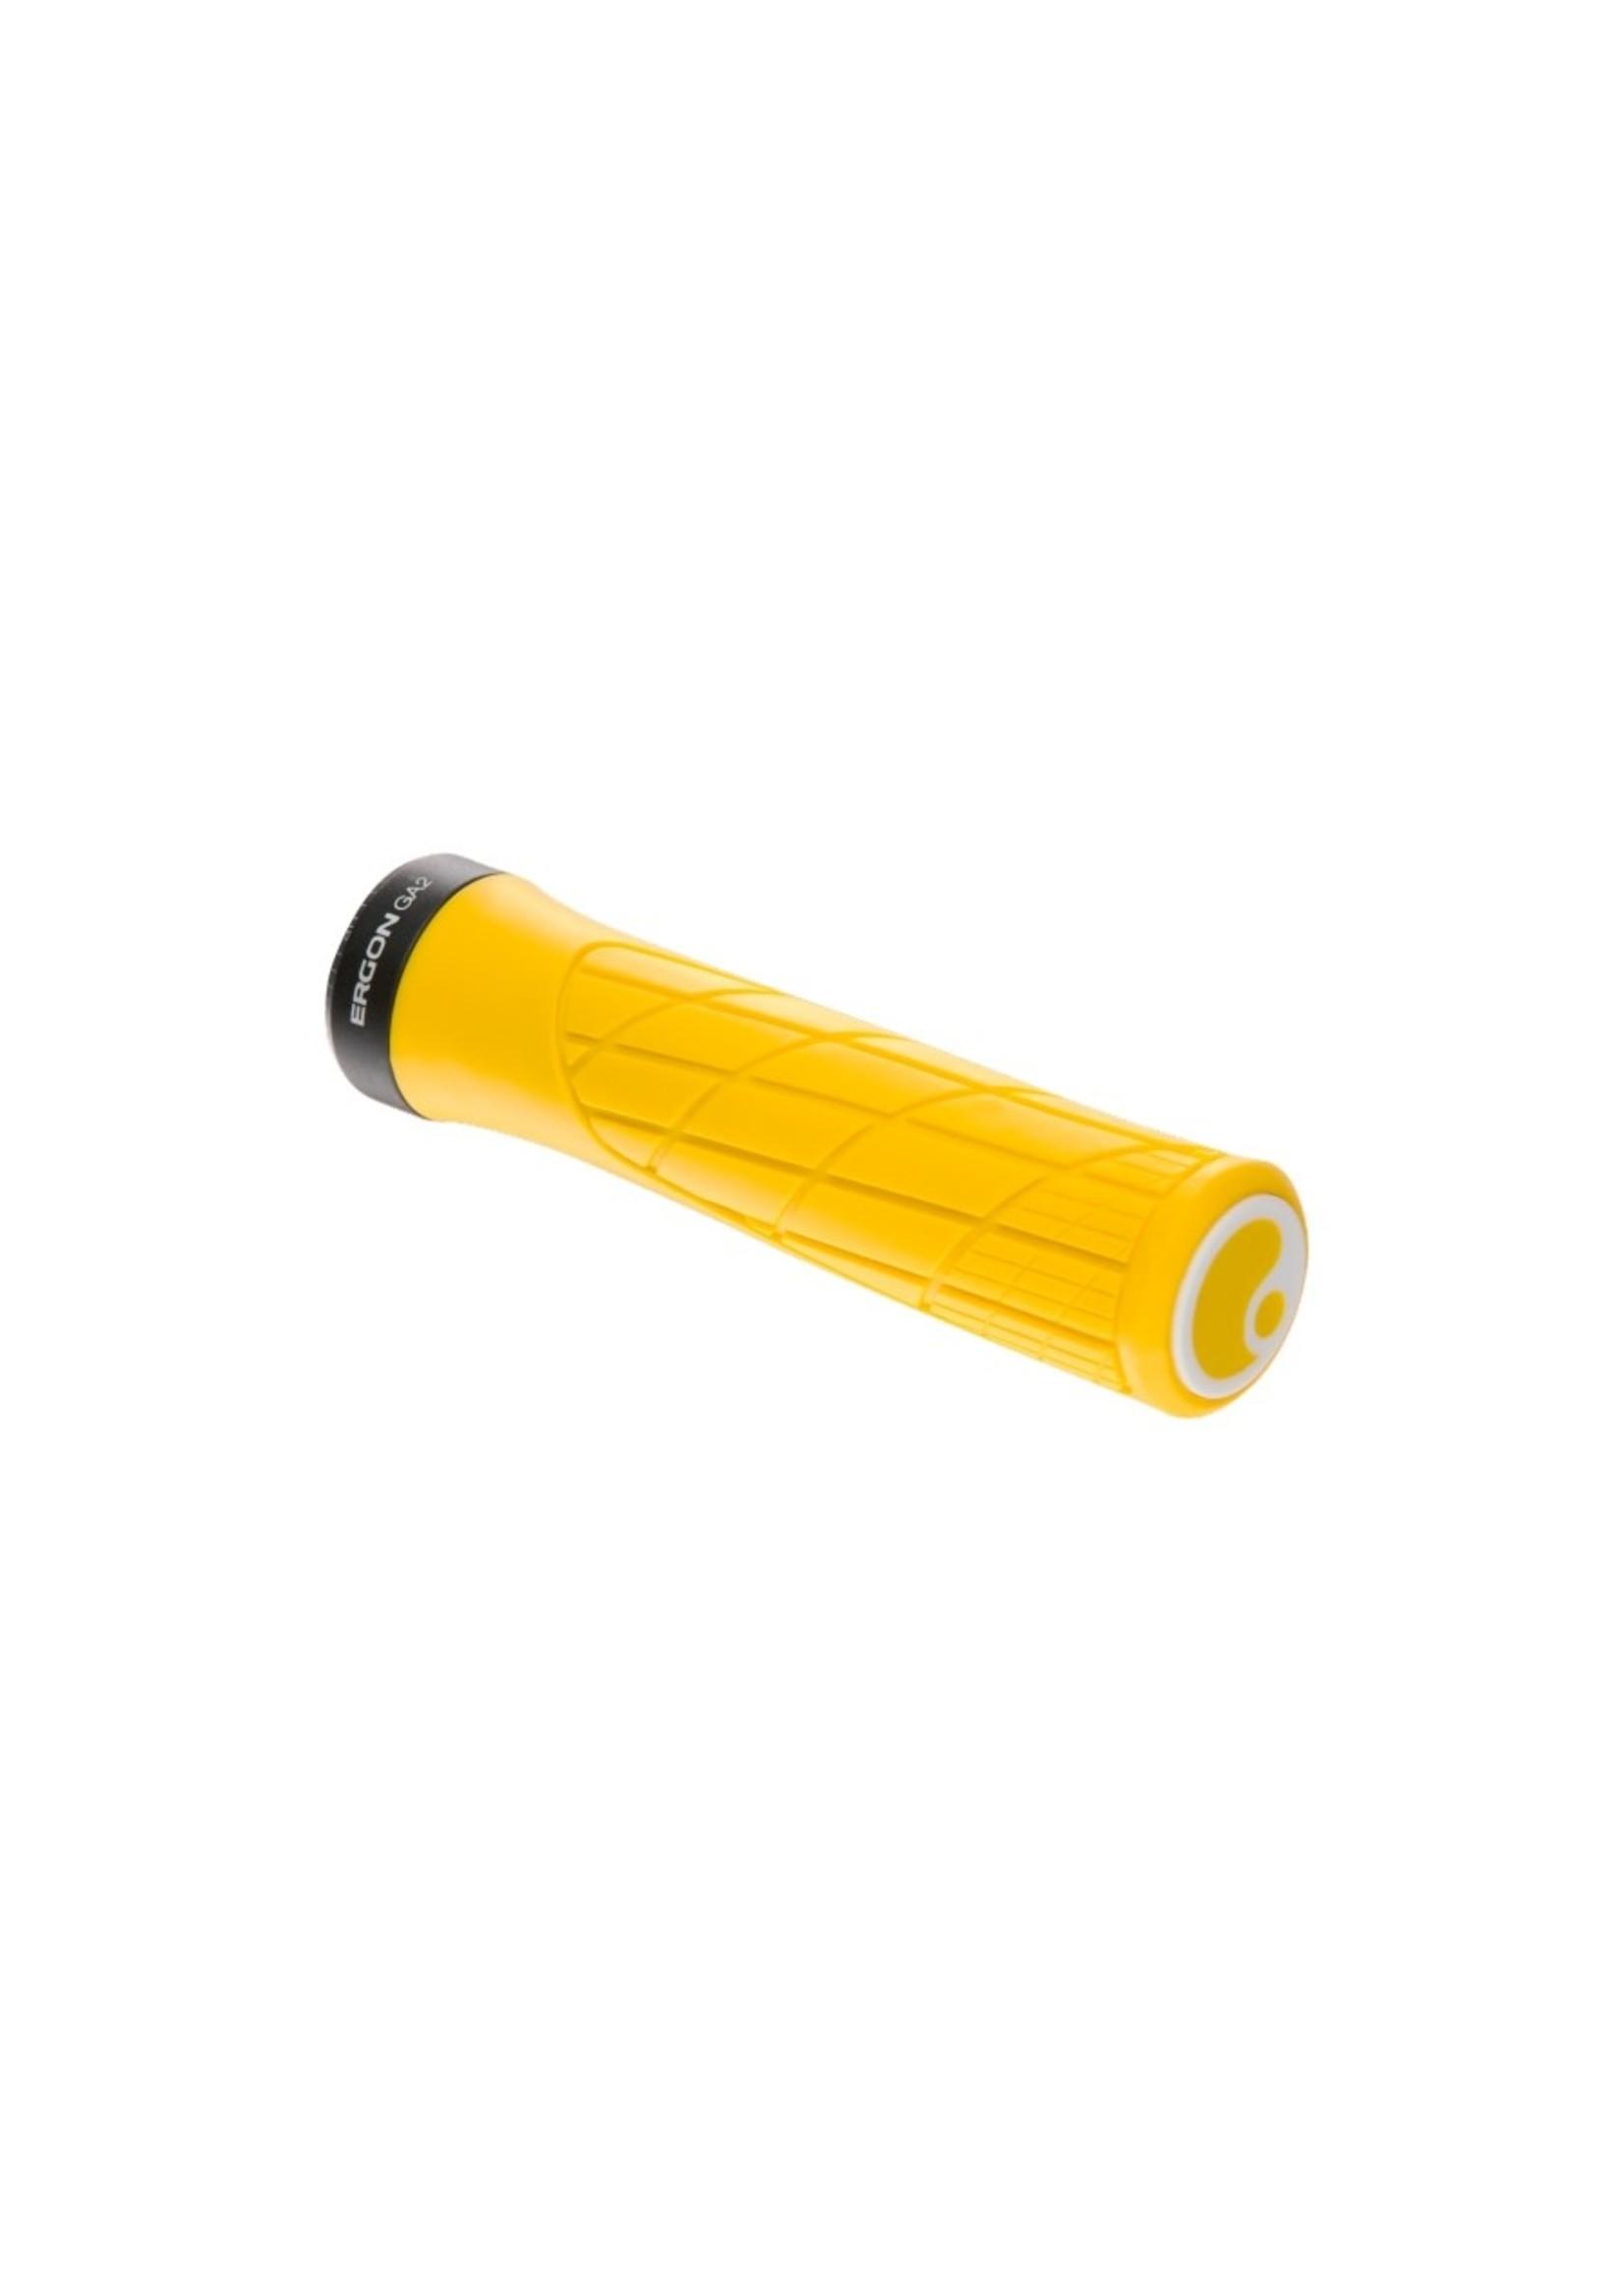 Ergon GA2 Yellow / Standard